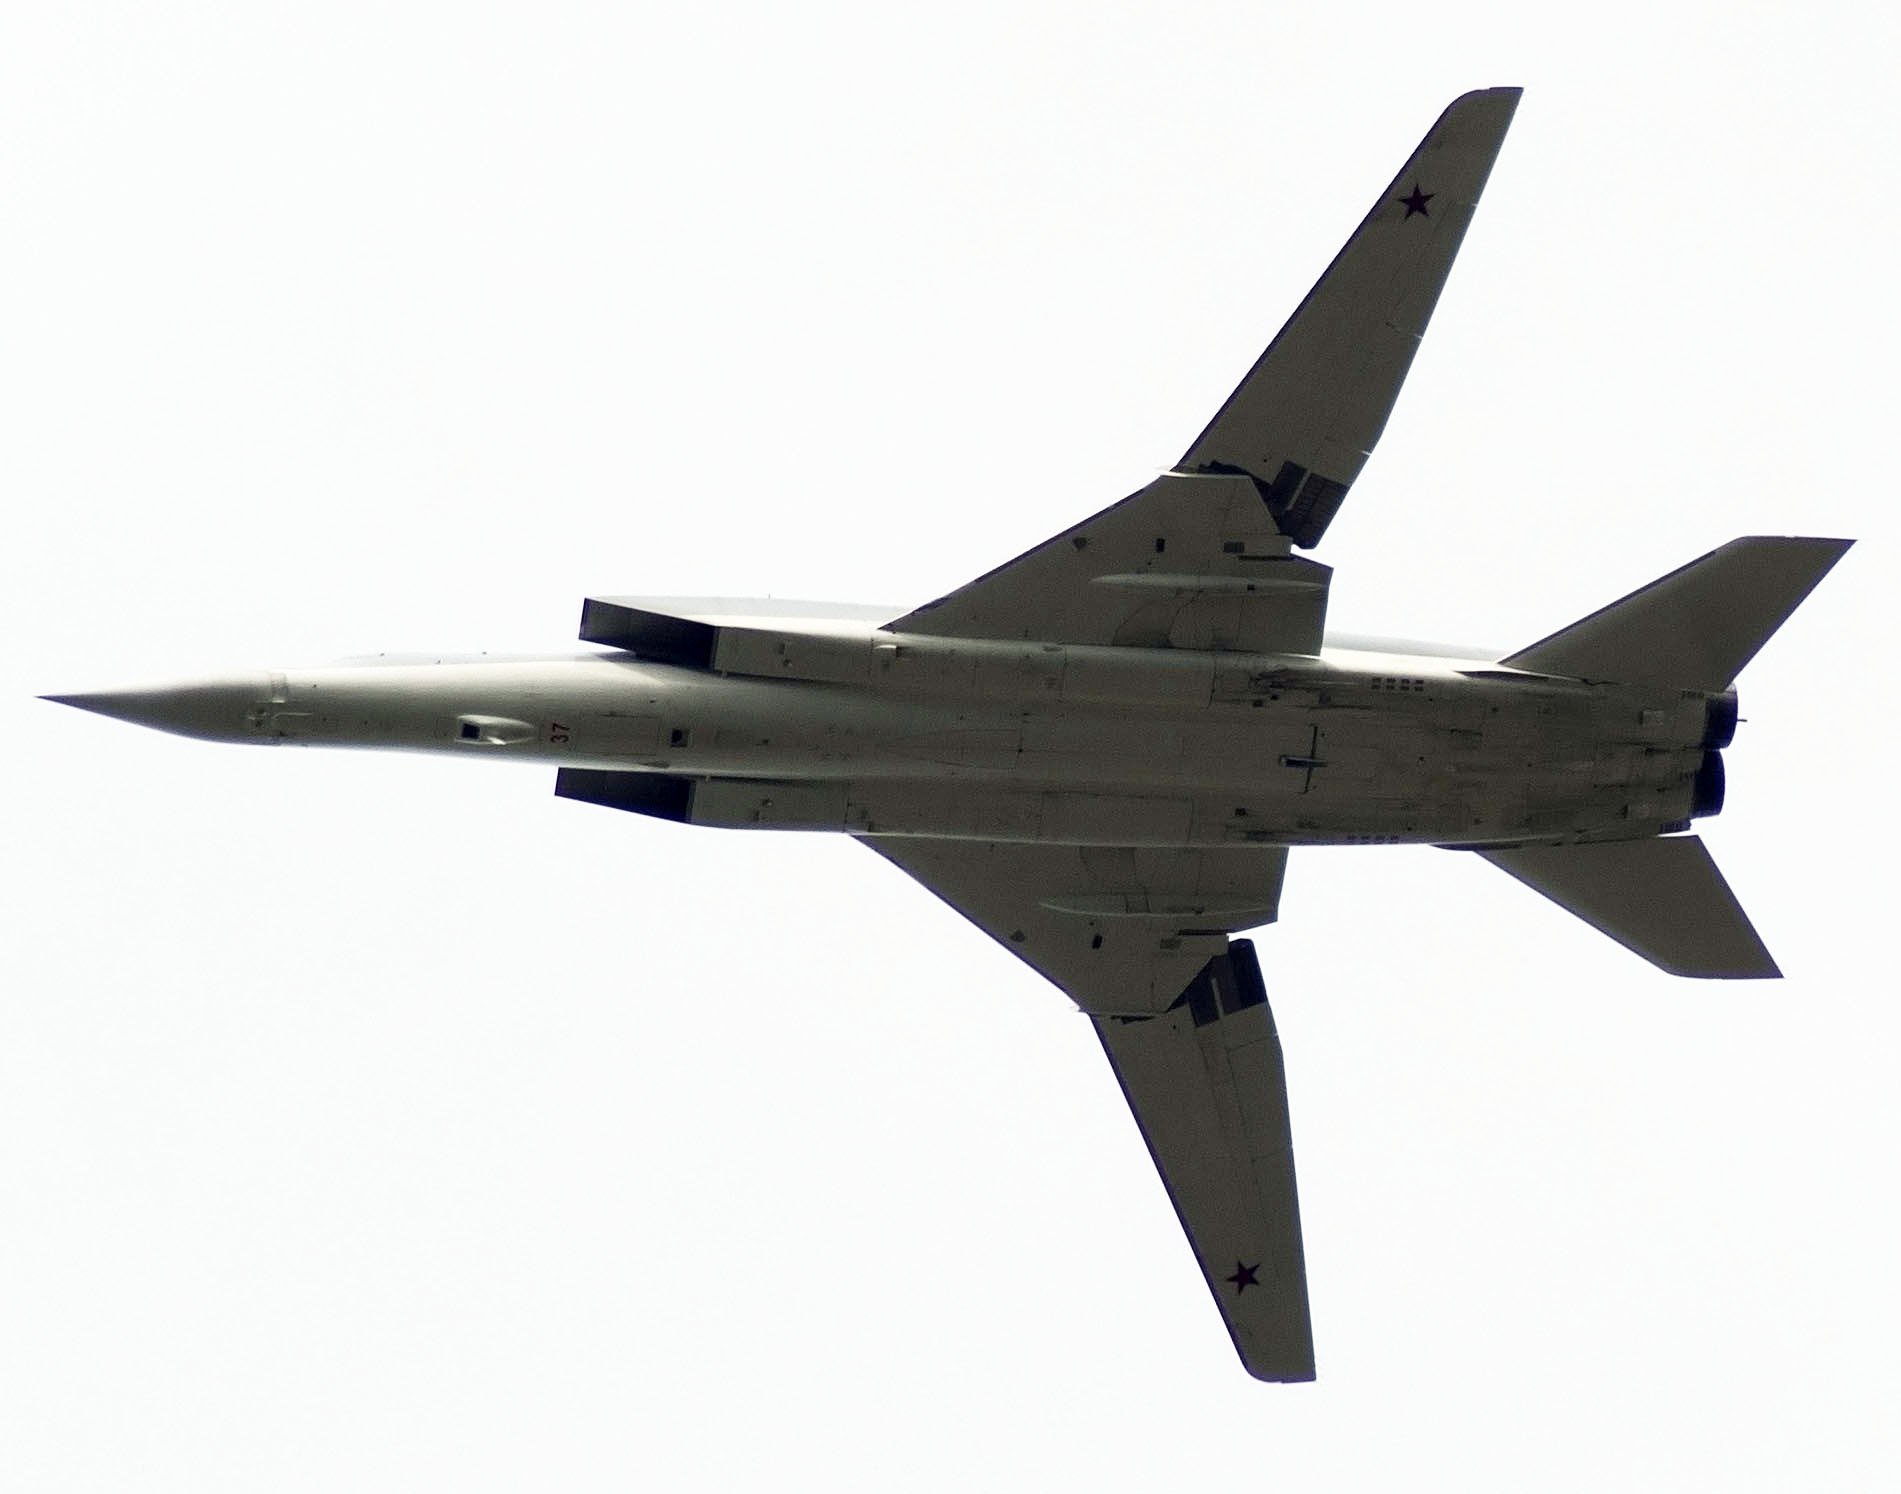 Orosz légi és kozmikus erők -4GjjaM57Io